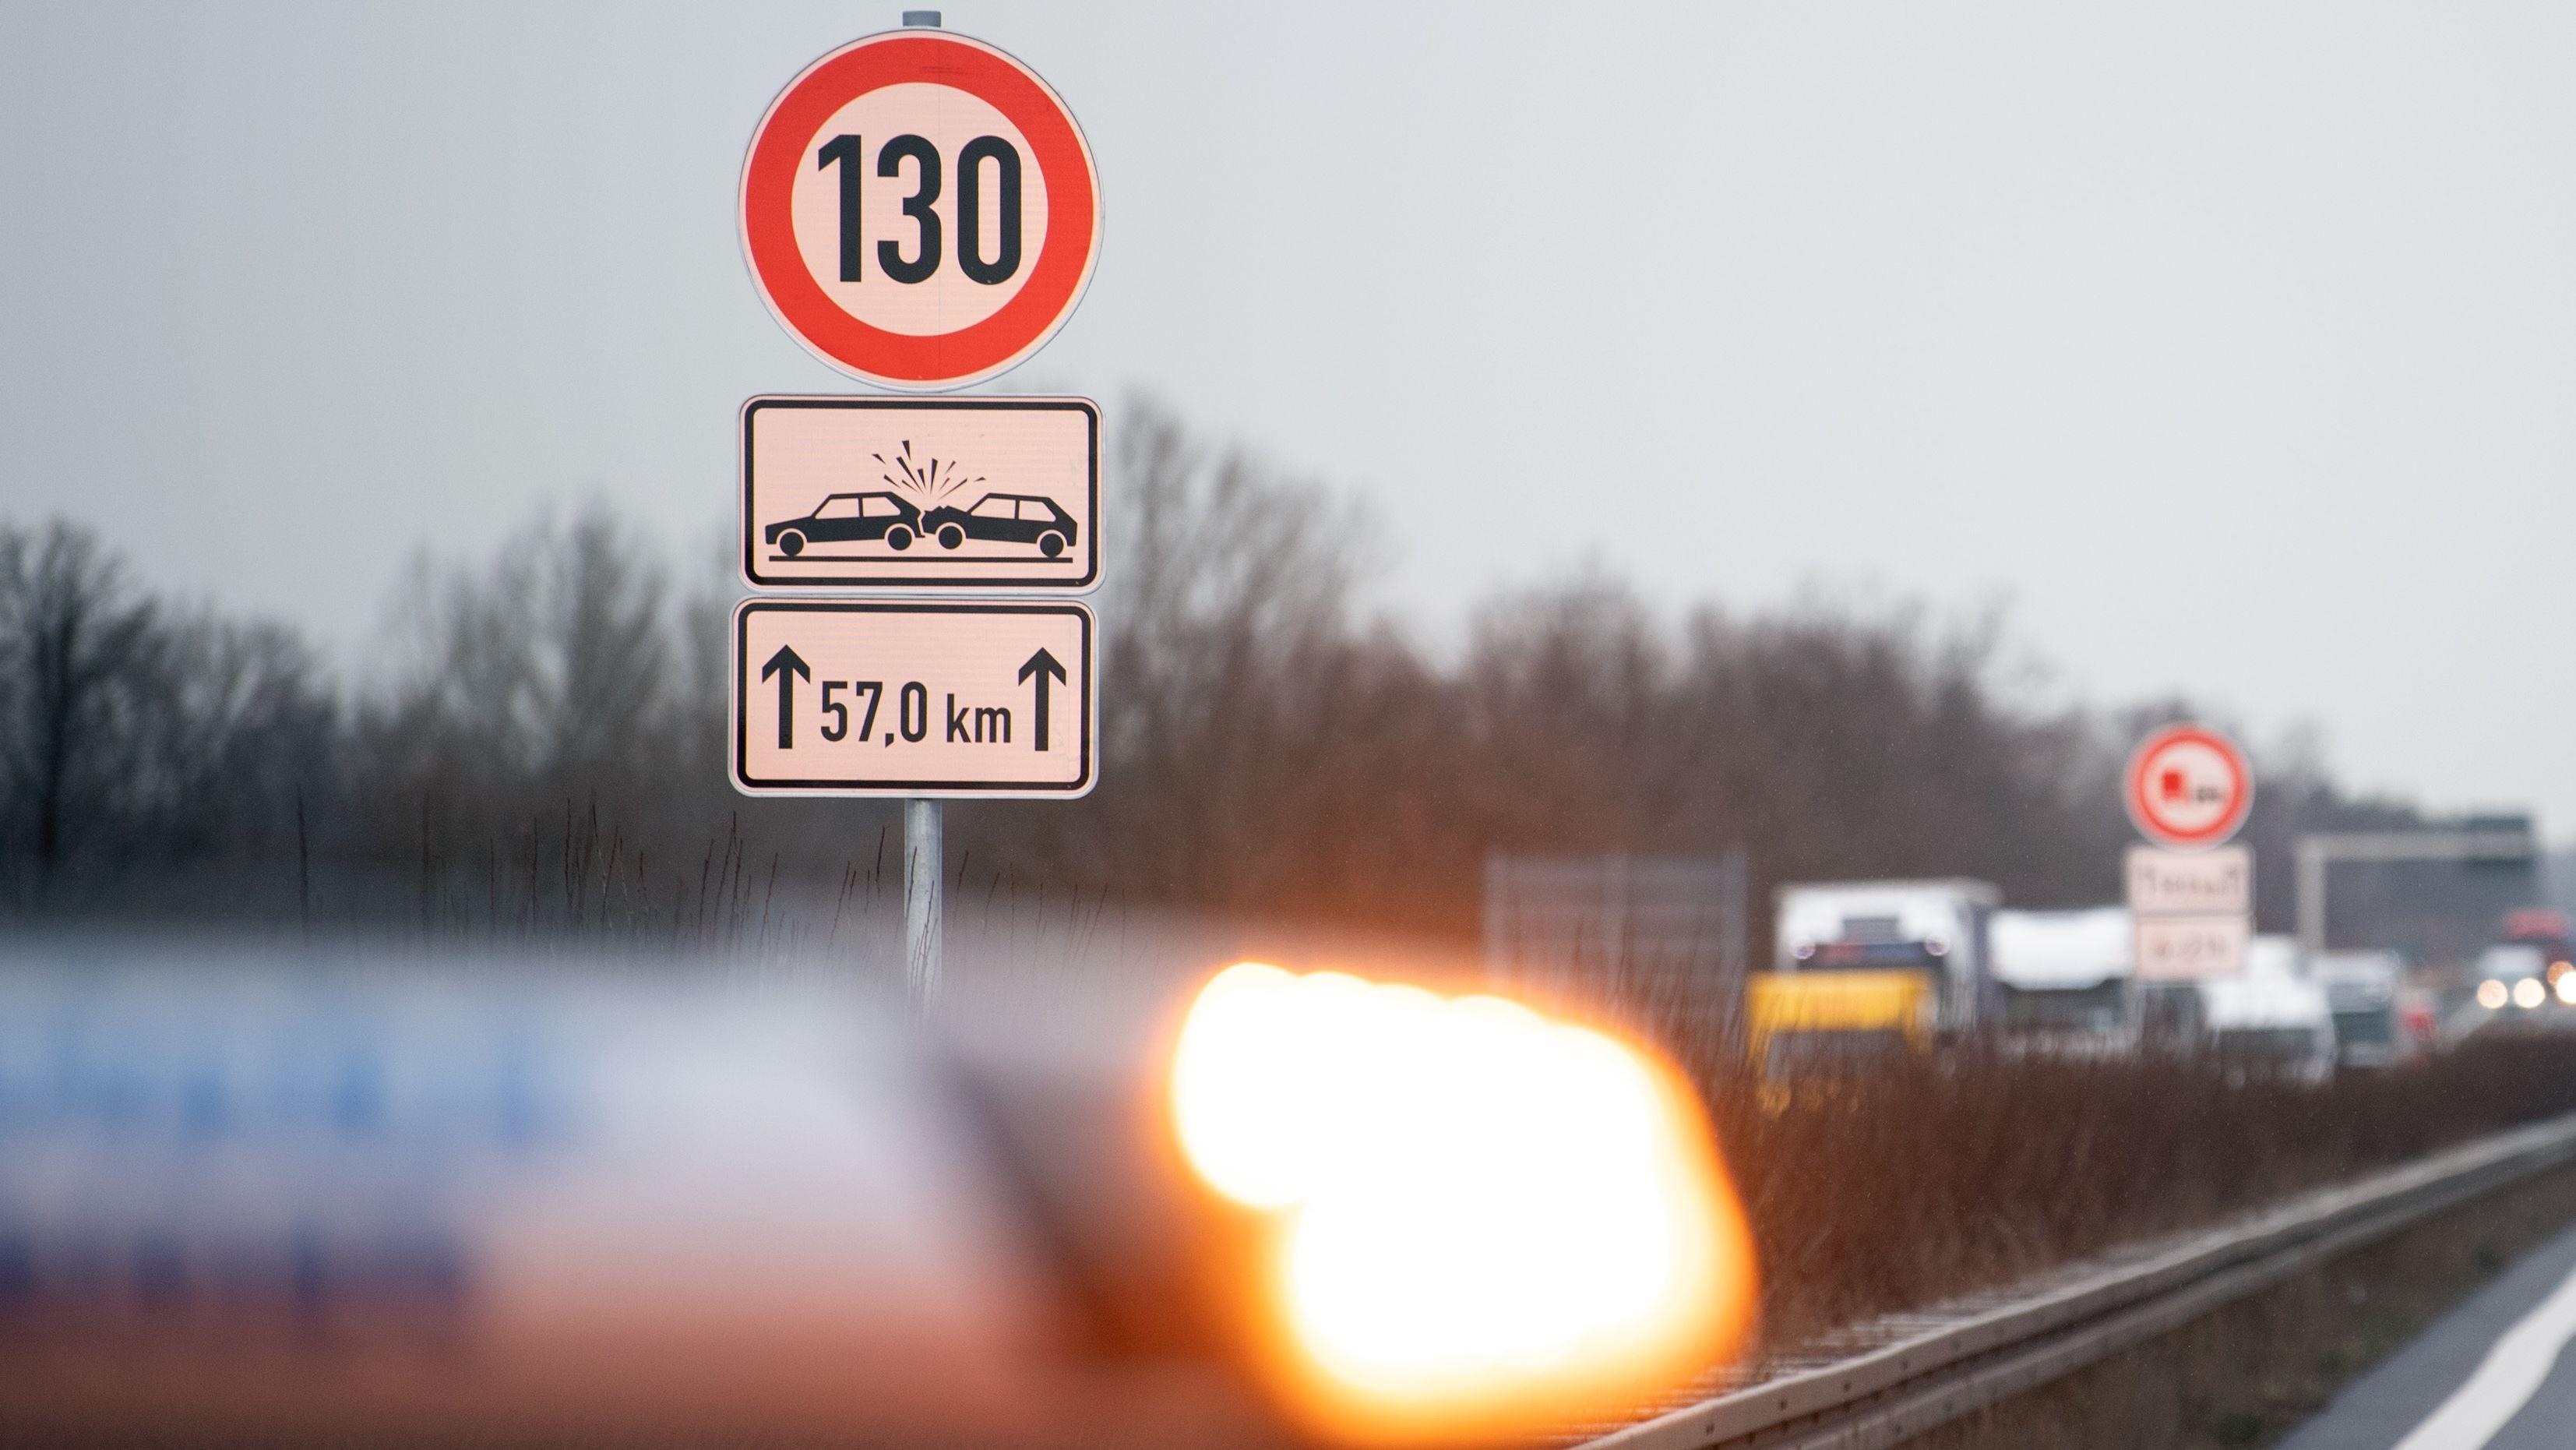 Verkehrszeichen zur Geschwindigkeitsbegrenzung auf einer Autobahn